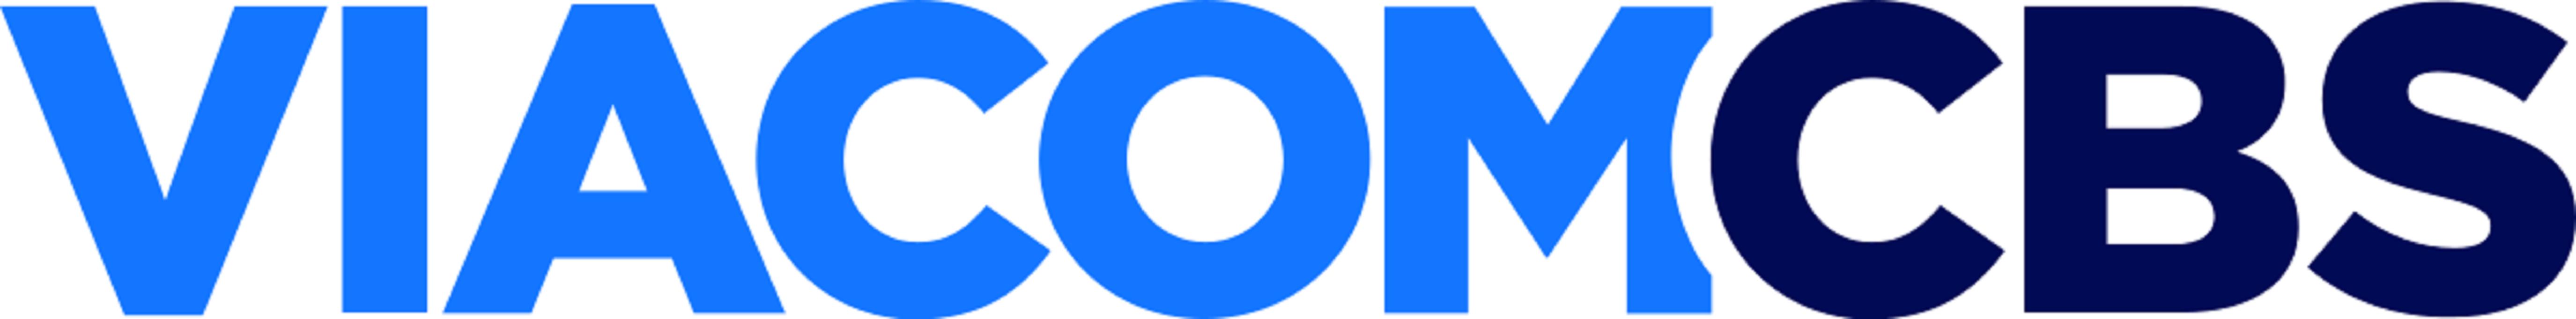 VIACA logo